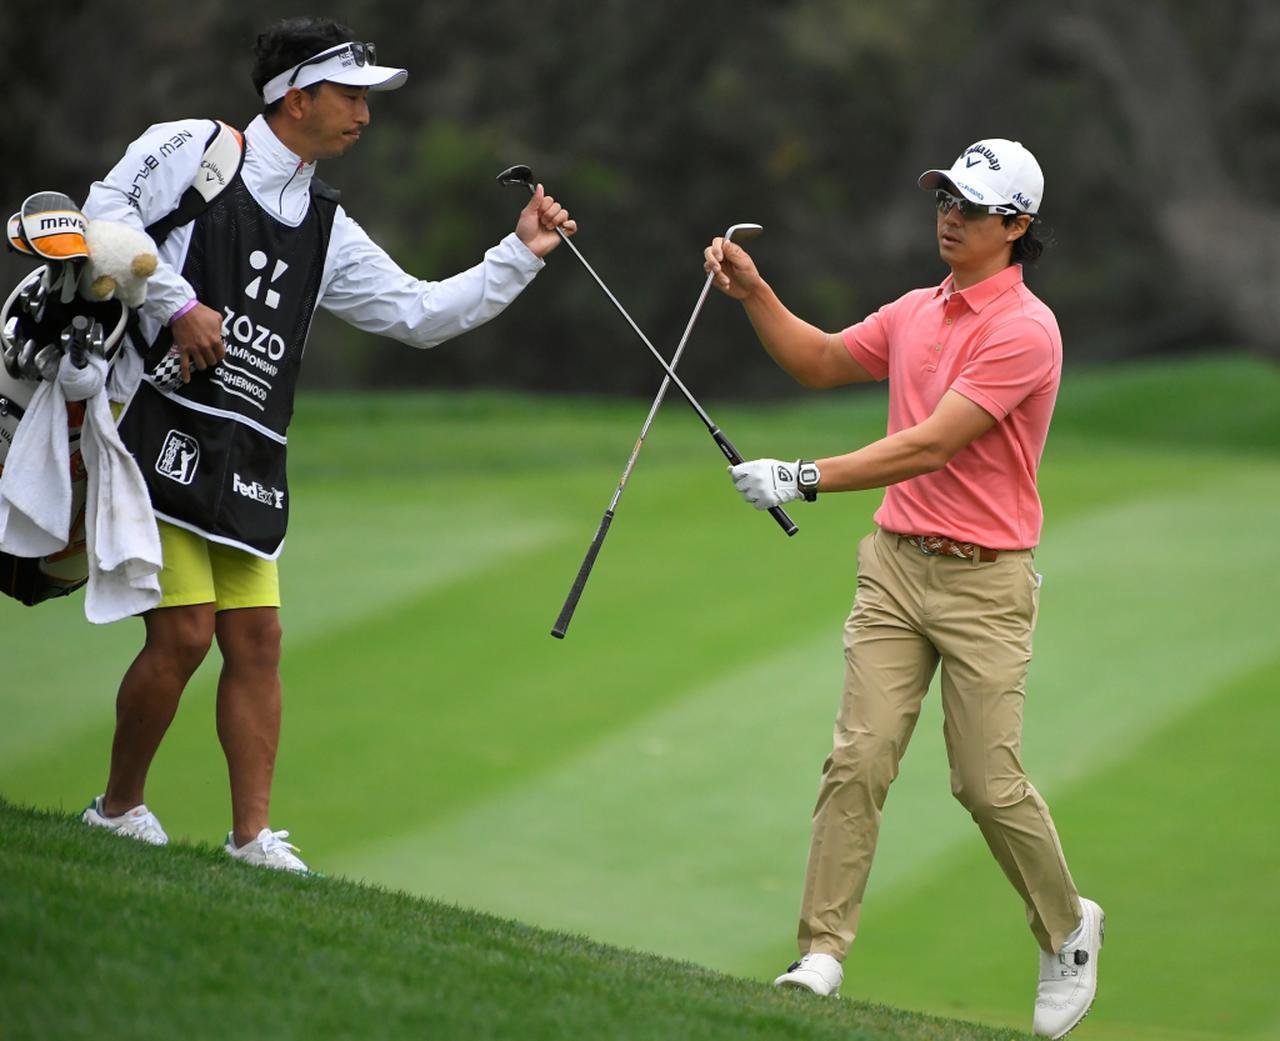 画像: 昨年から田中剛氏(左)をコーチに加え、スウィングやマネジメントの改善に取り組んでいたという